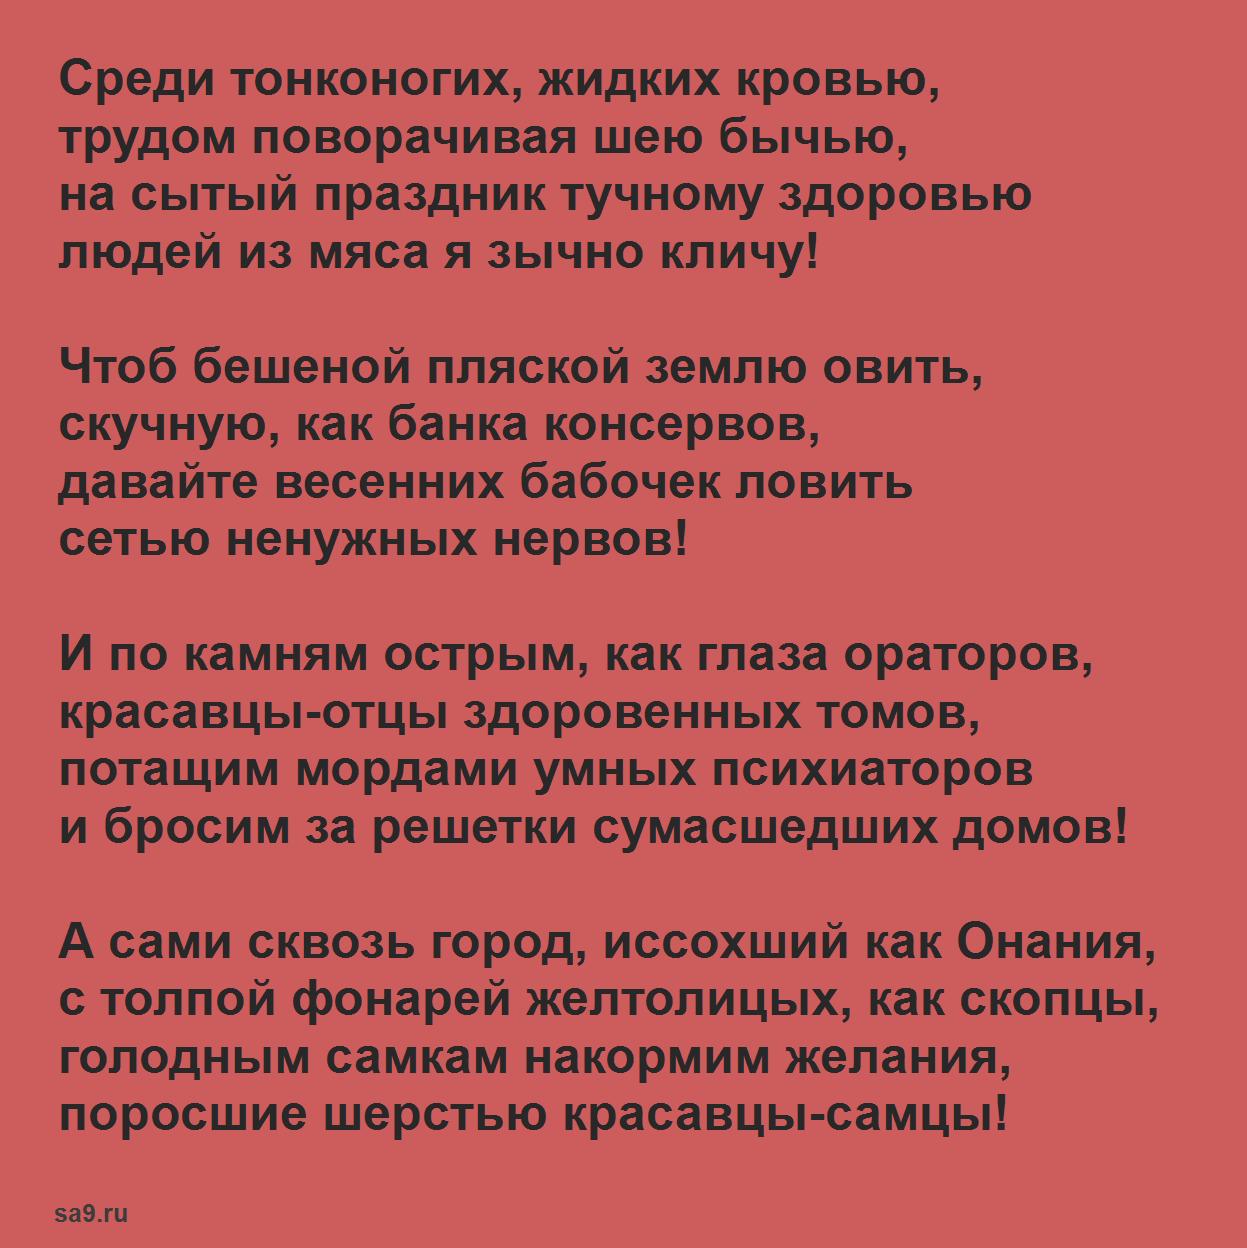 Маяковский стихи - Гимн здоровью